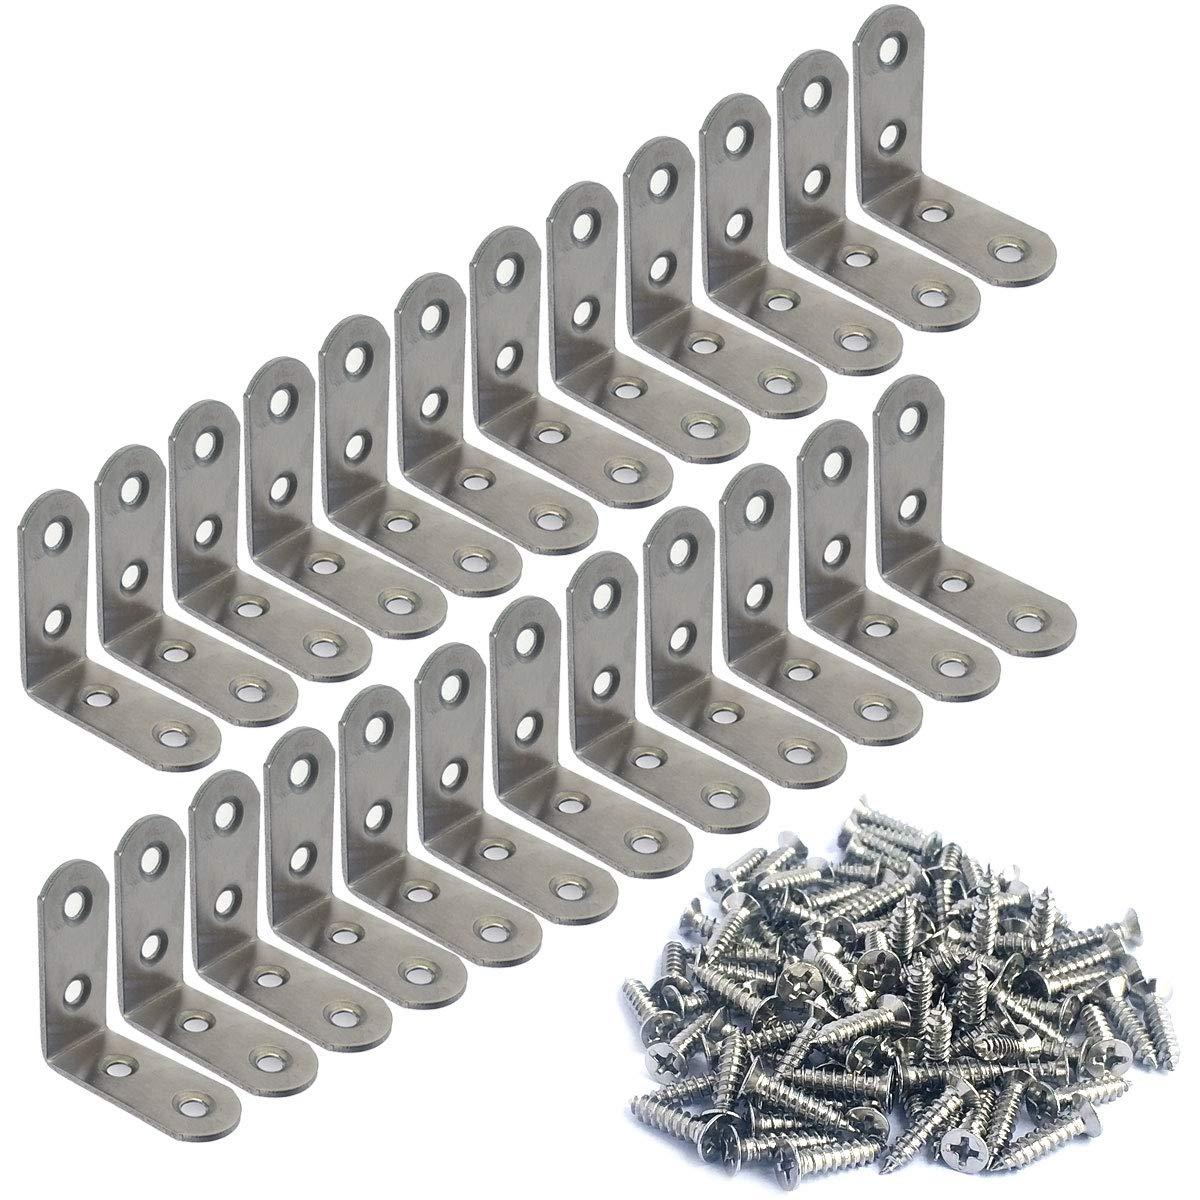 24 24 Pieces Stainless Steel Corner Brace 40mmx40mm Stainless Steel Brace Corner Steel Joint Right Angle Bracket Fastener with Screws